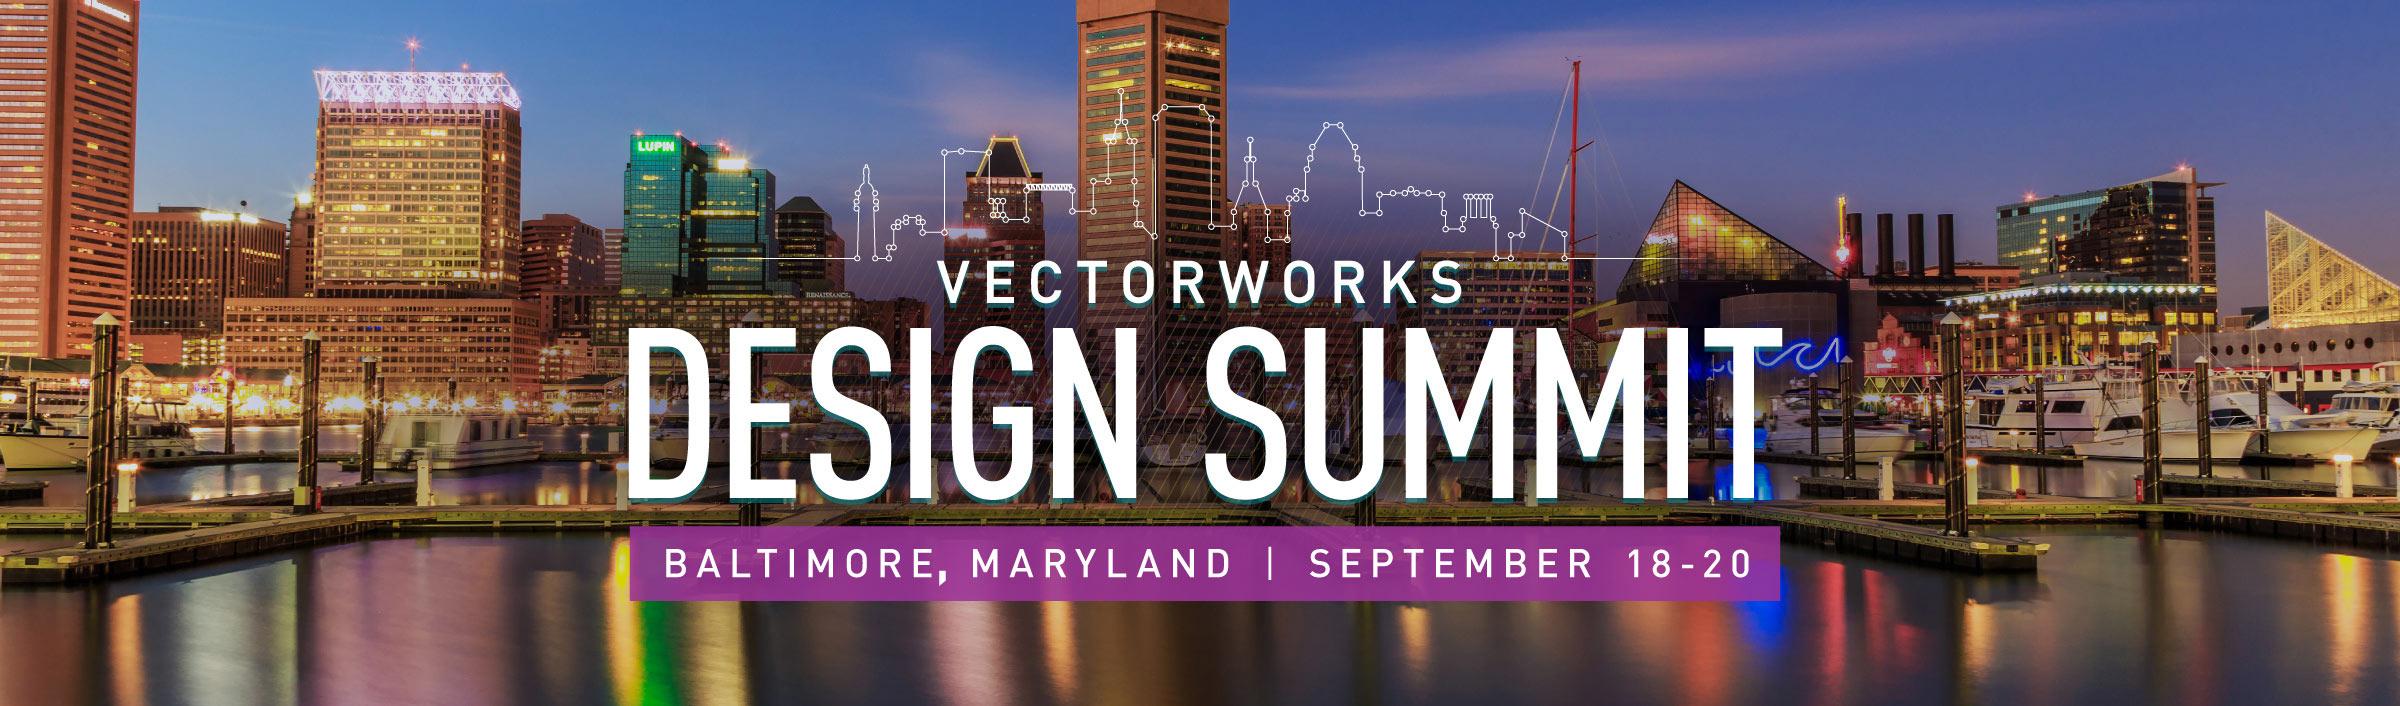 Vectorworks Design Summit 2017